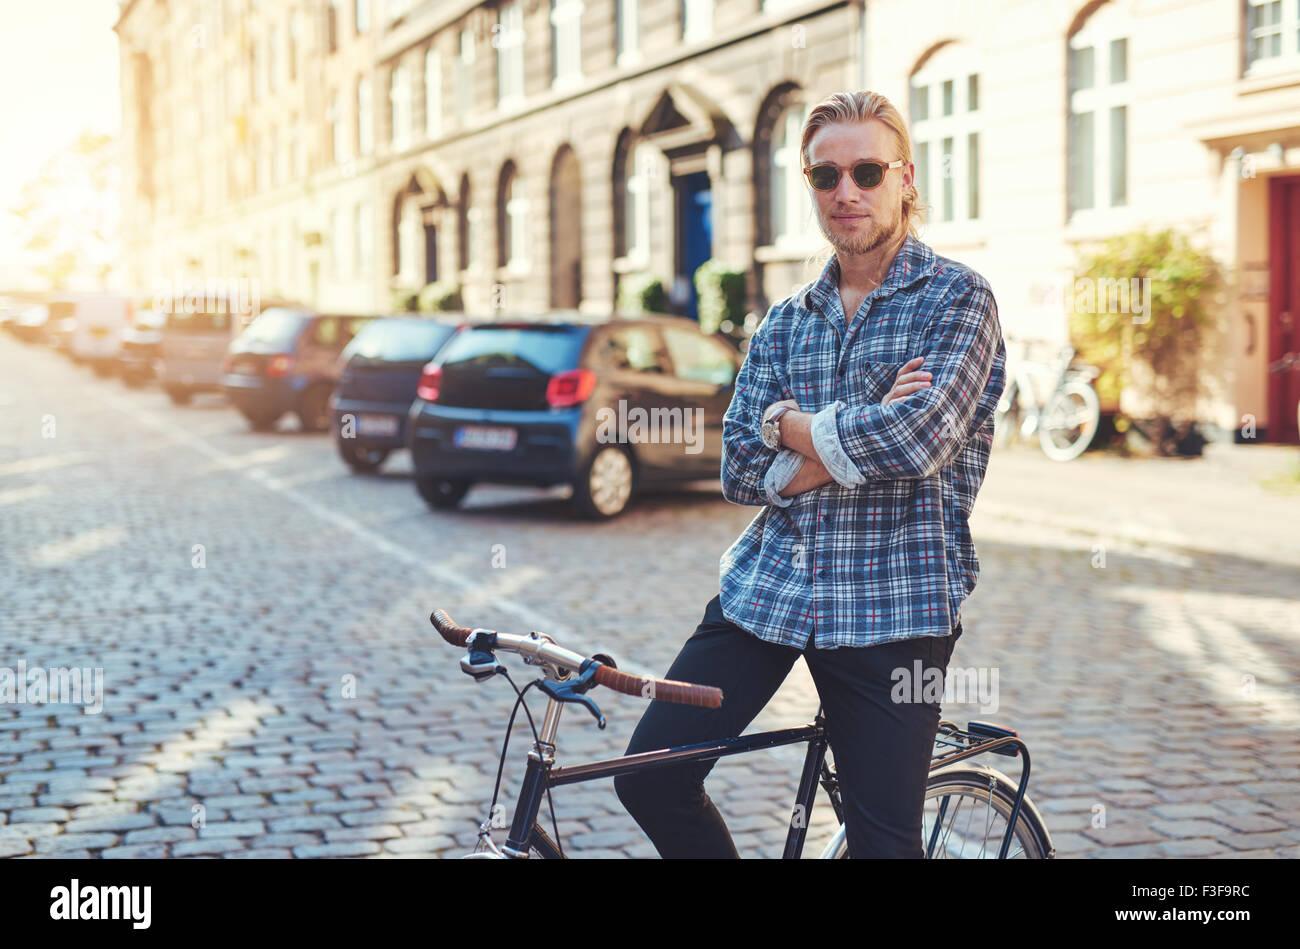 Retrato del hombre en su bicicleta con los brazos cruzados mirando elegante estilo de vida de la ciudad. Imagen De Stock